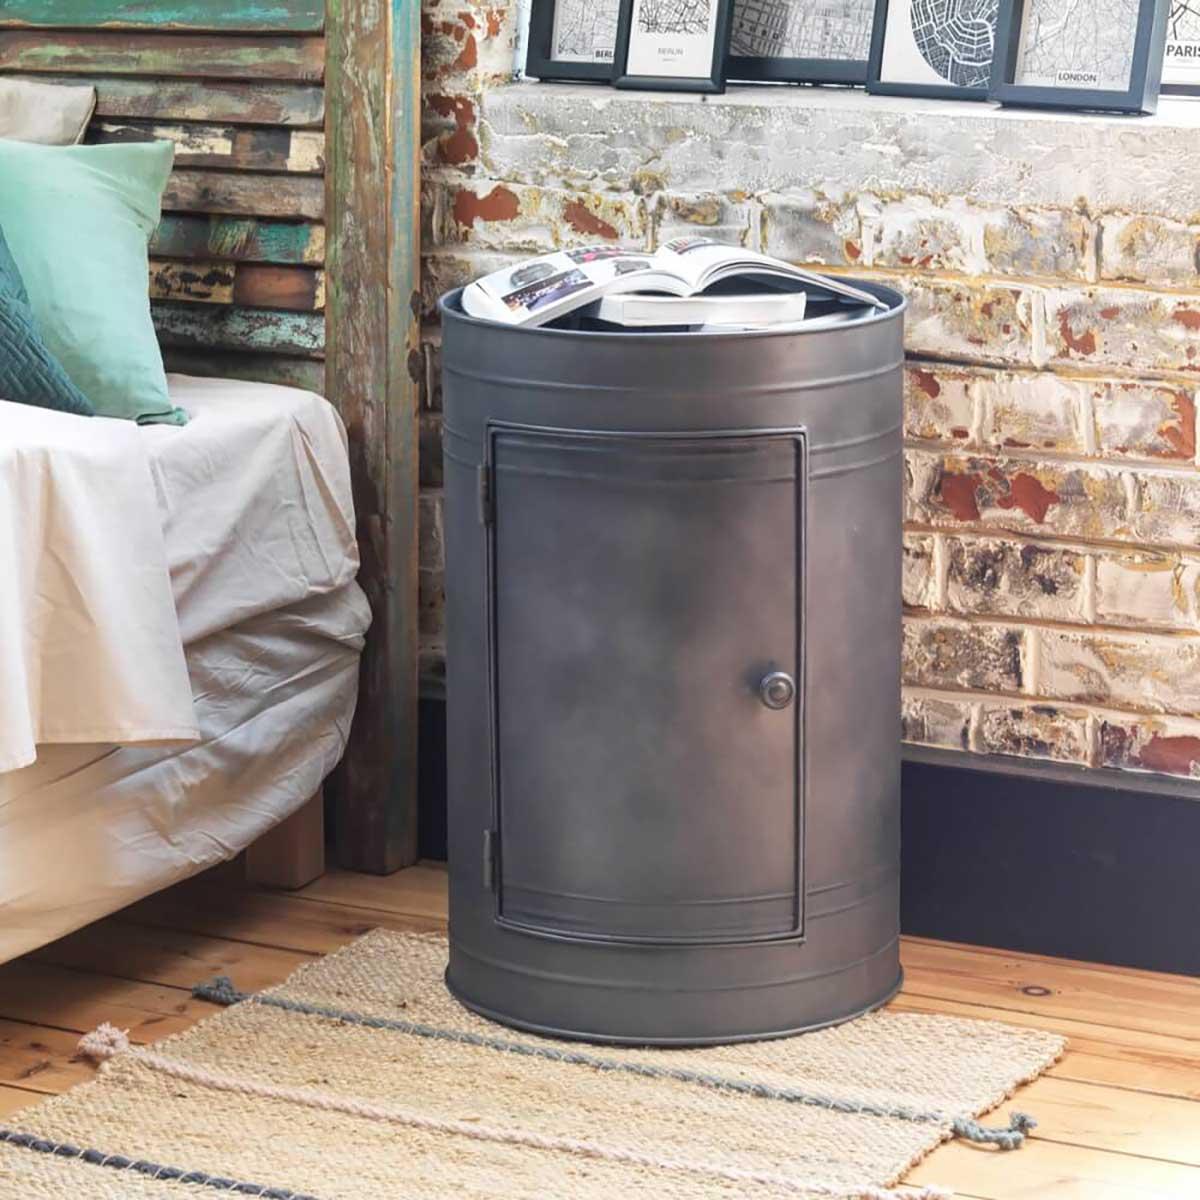 Table de chevet industrielle : 21 meubles en métal ou bois